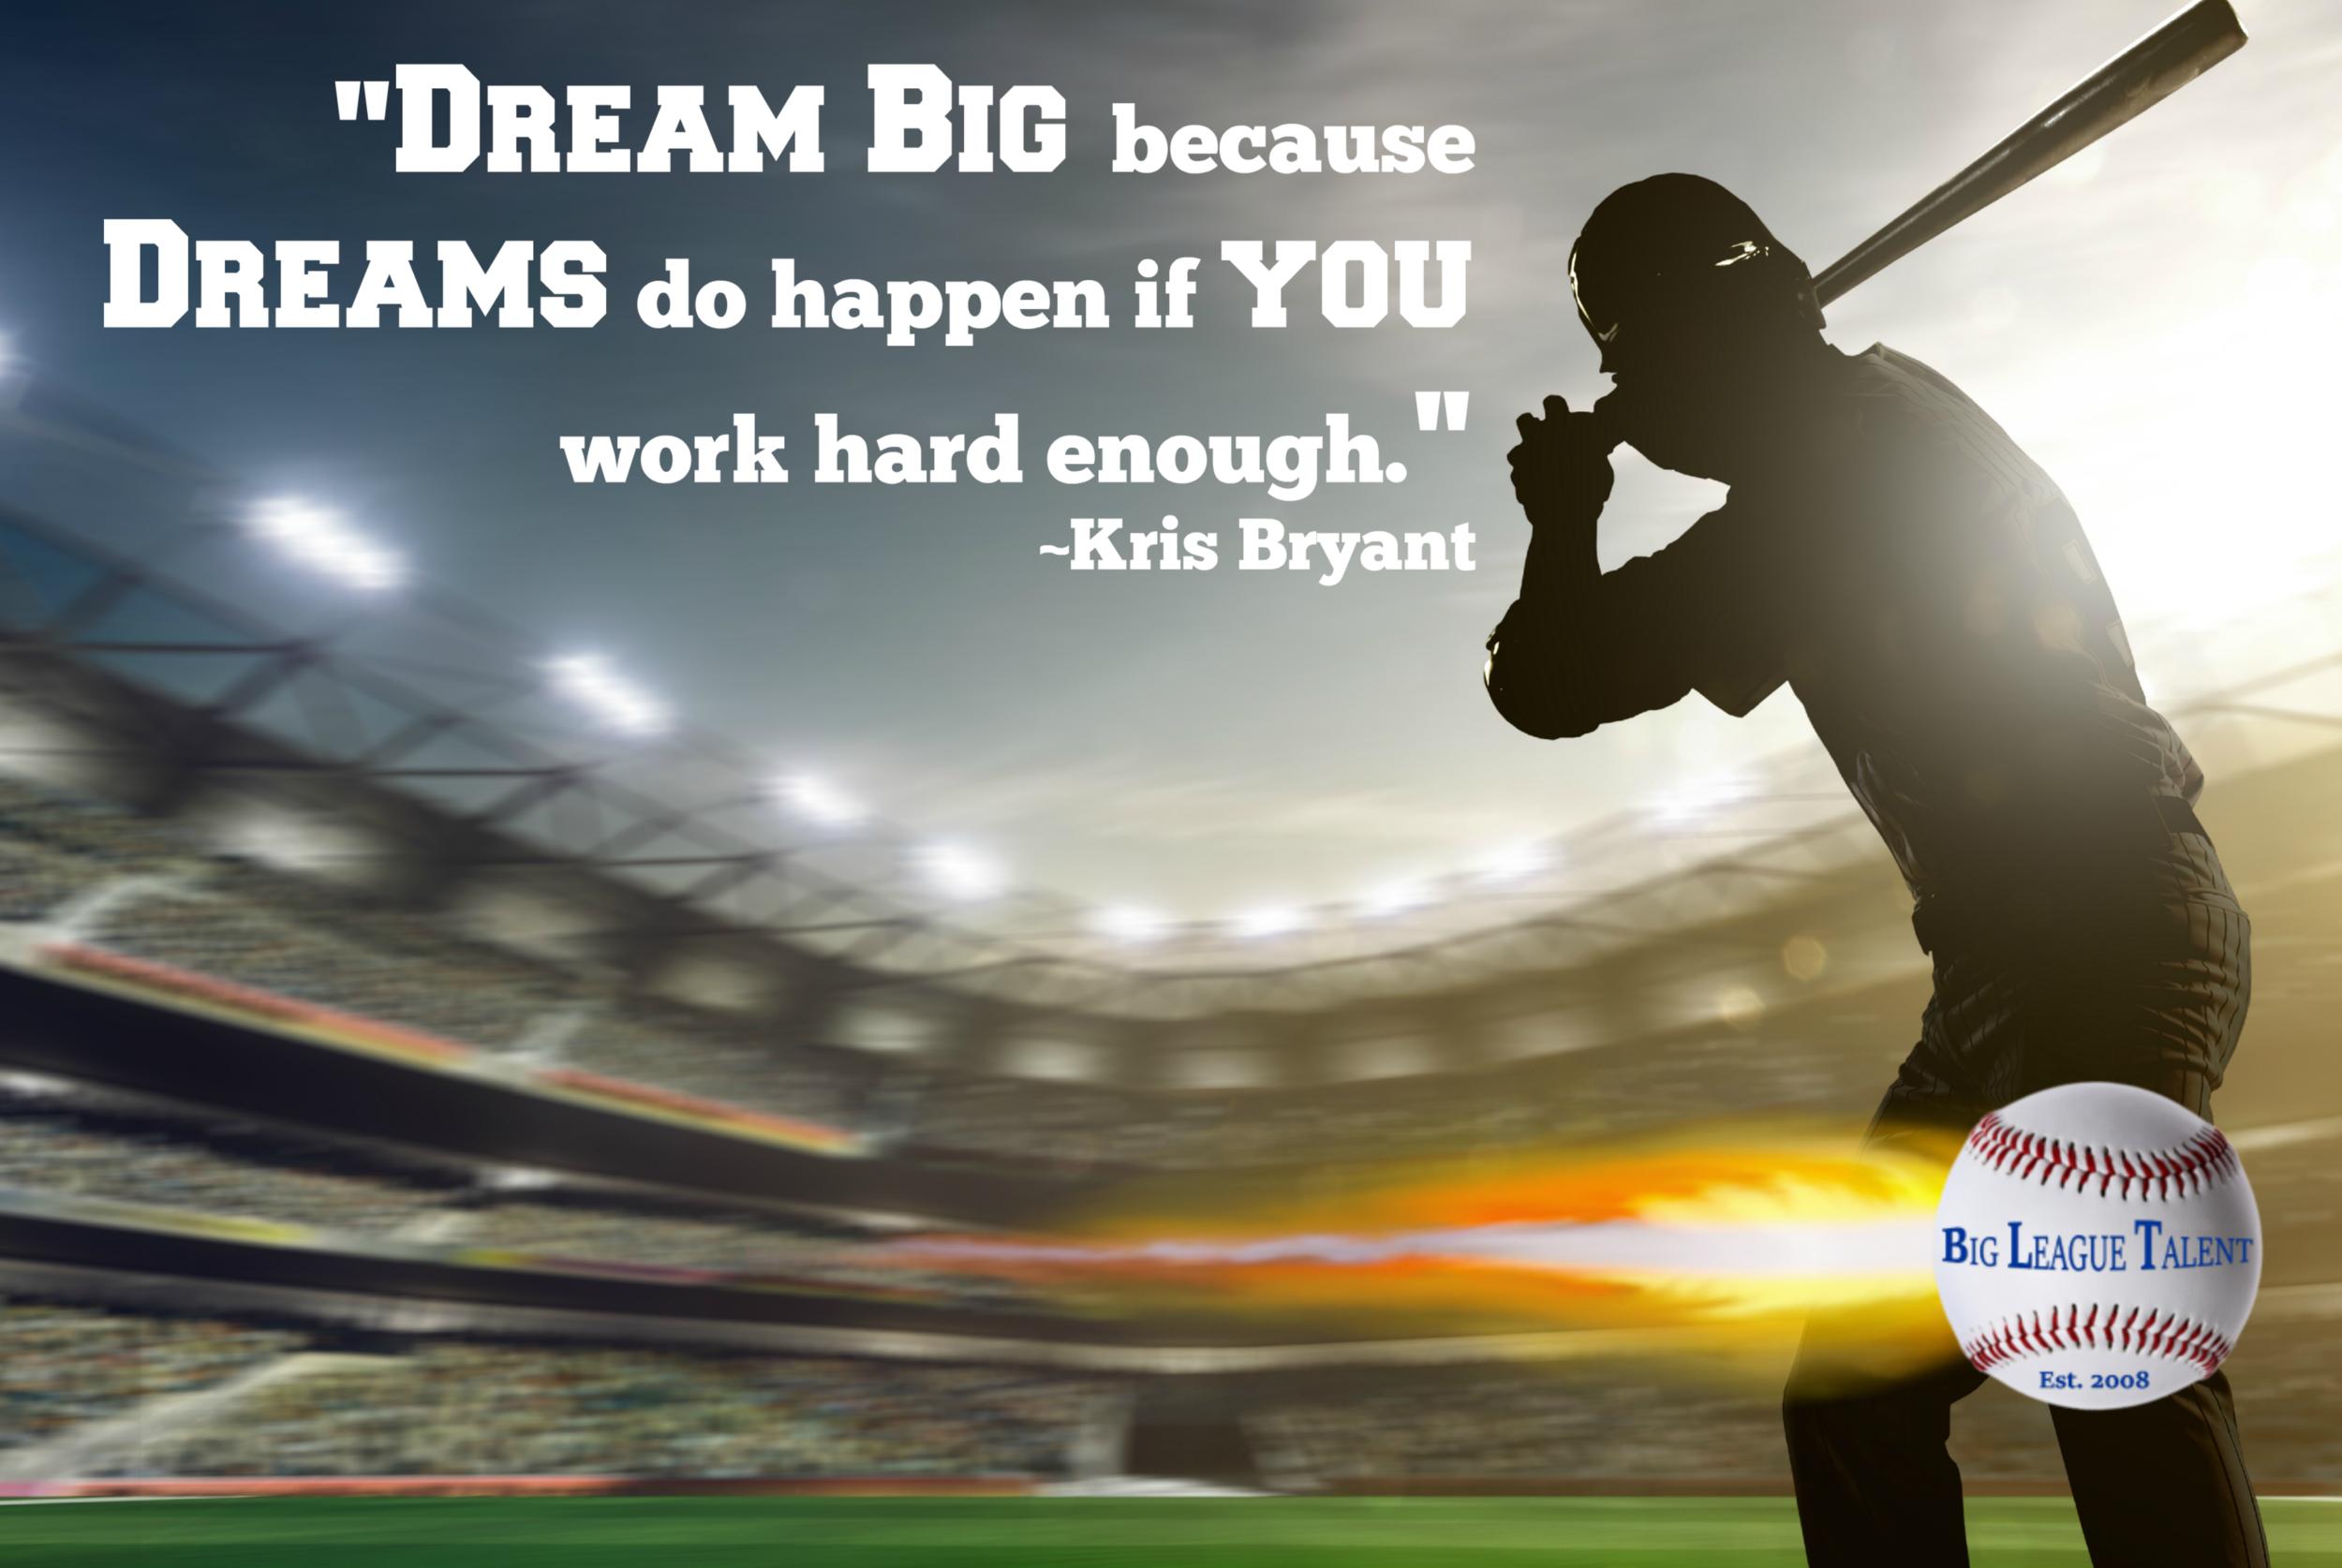 dream big kris bryant.png